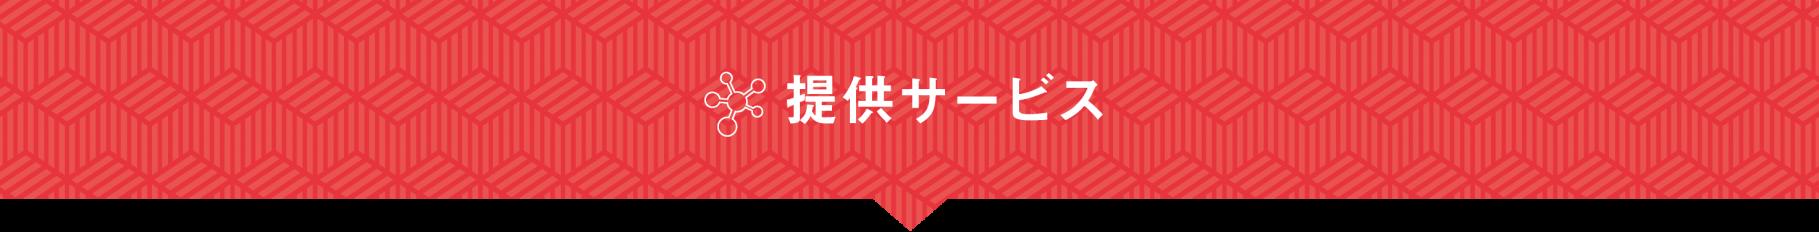 studylab_obi_10